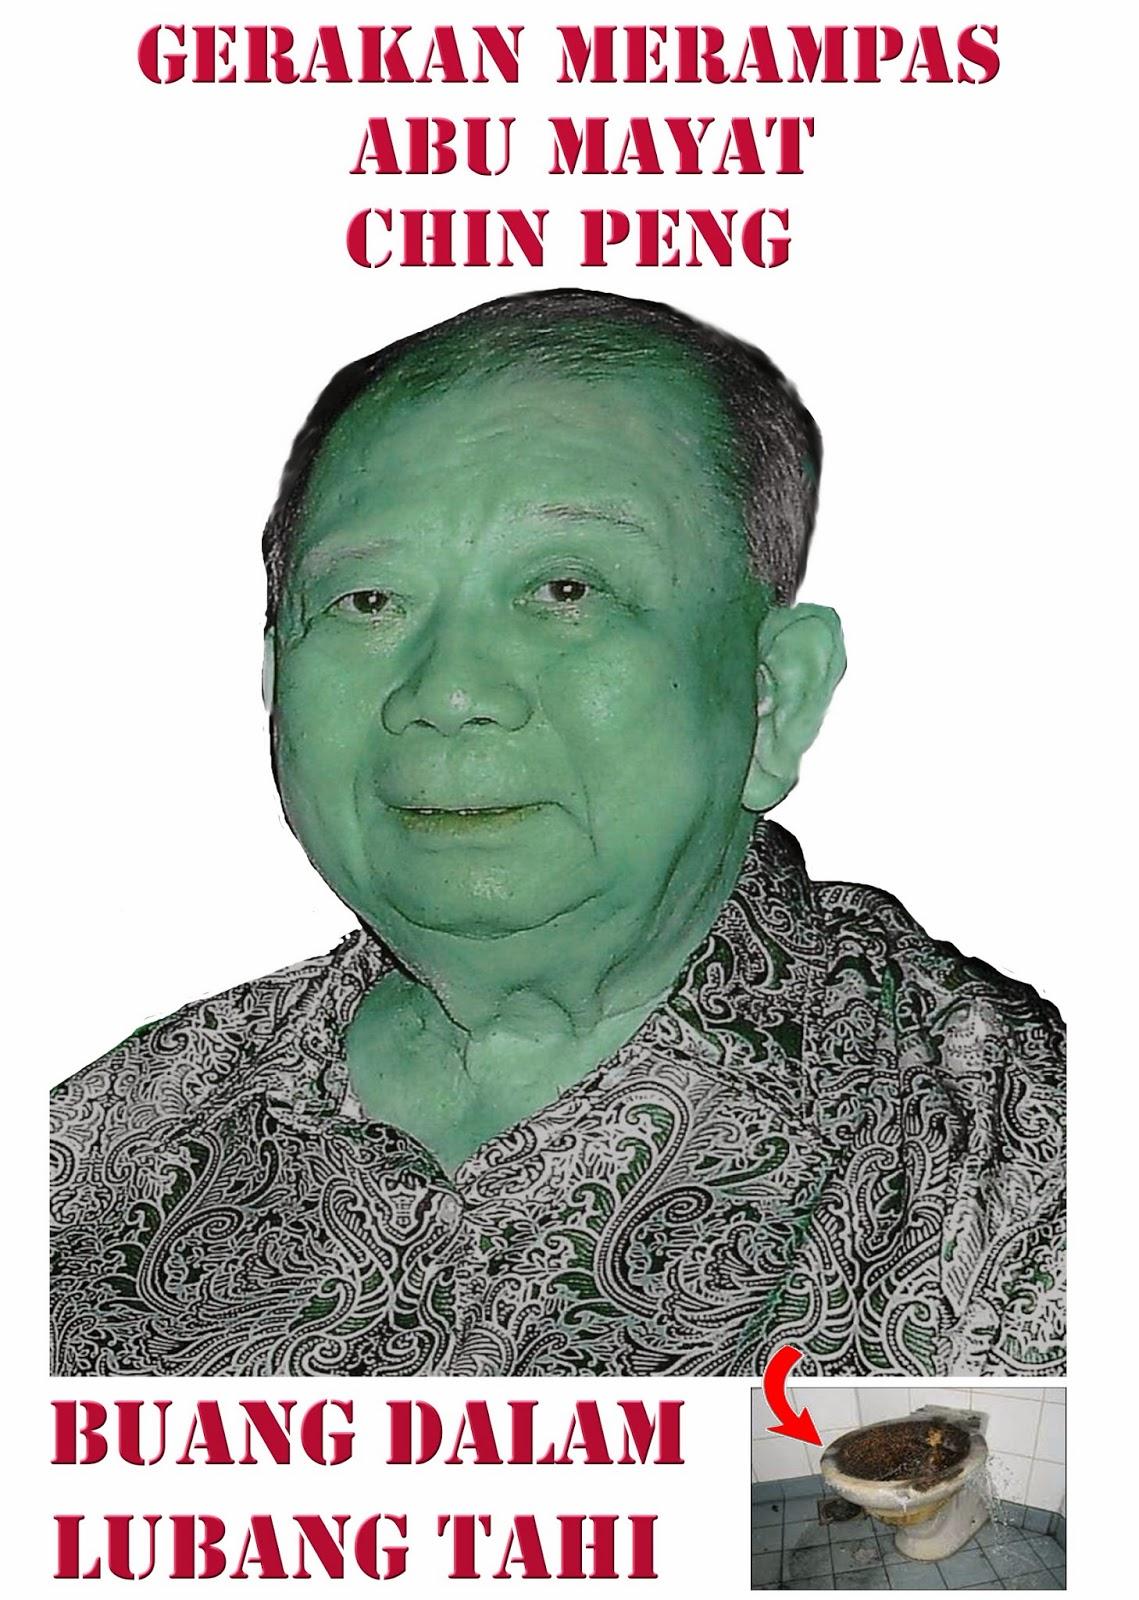 image Malay nak masuk youtube ler